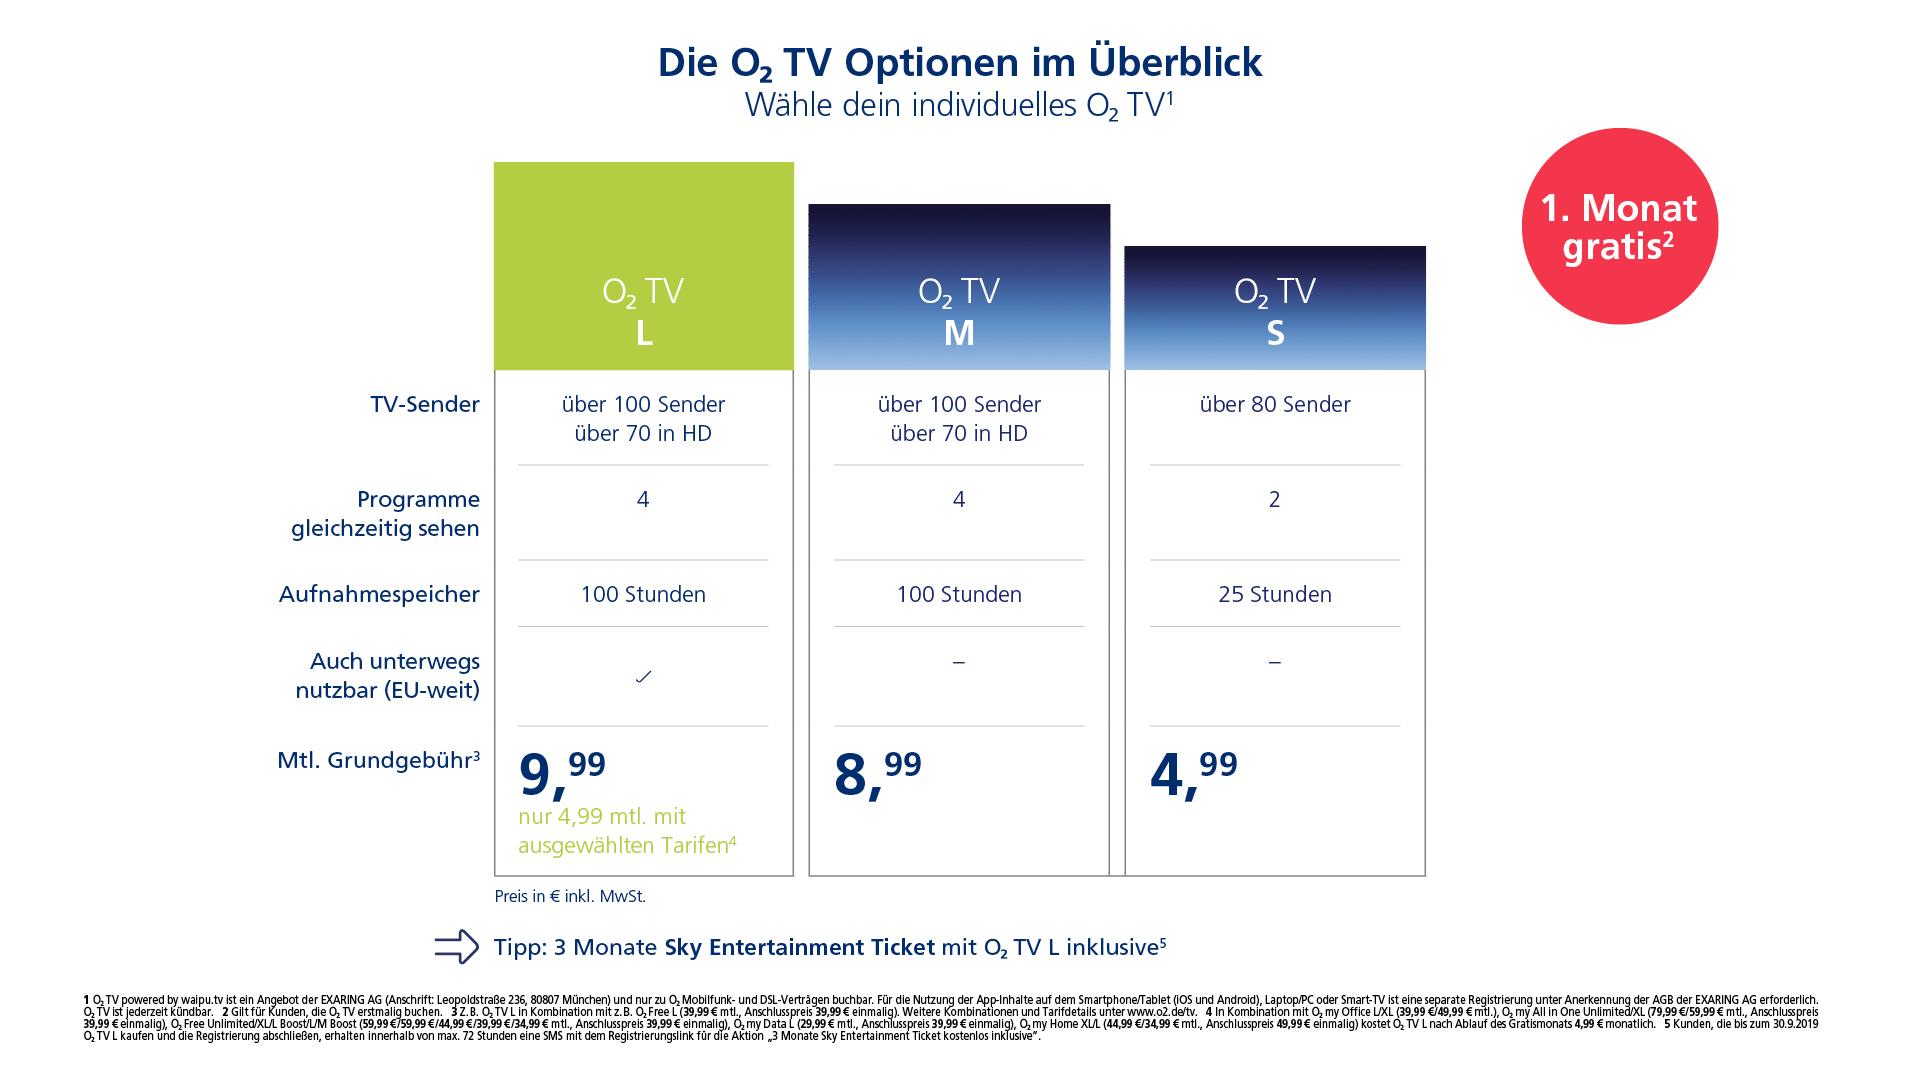 Das O2 TV-Angebot